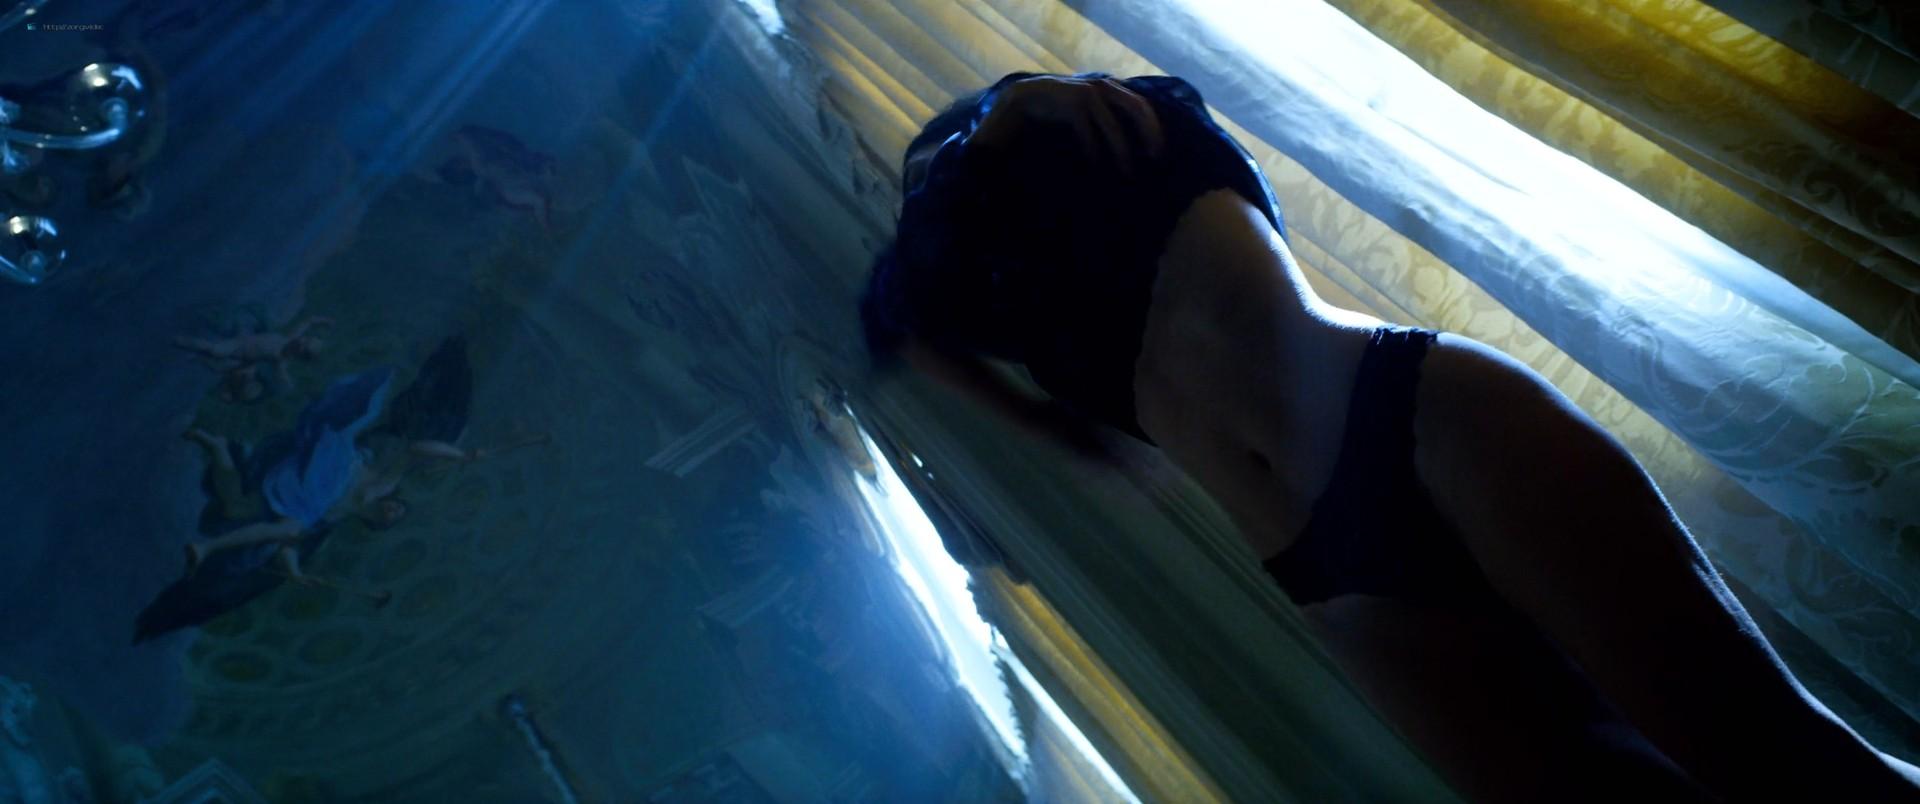 Adria Arjona hot and sex Melanie Laurent hot sex too - 6 Underground (2019) HD 1080p WEB (17)